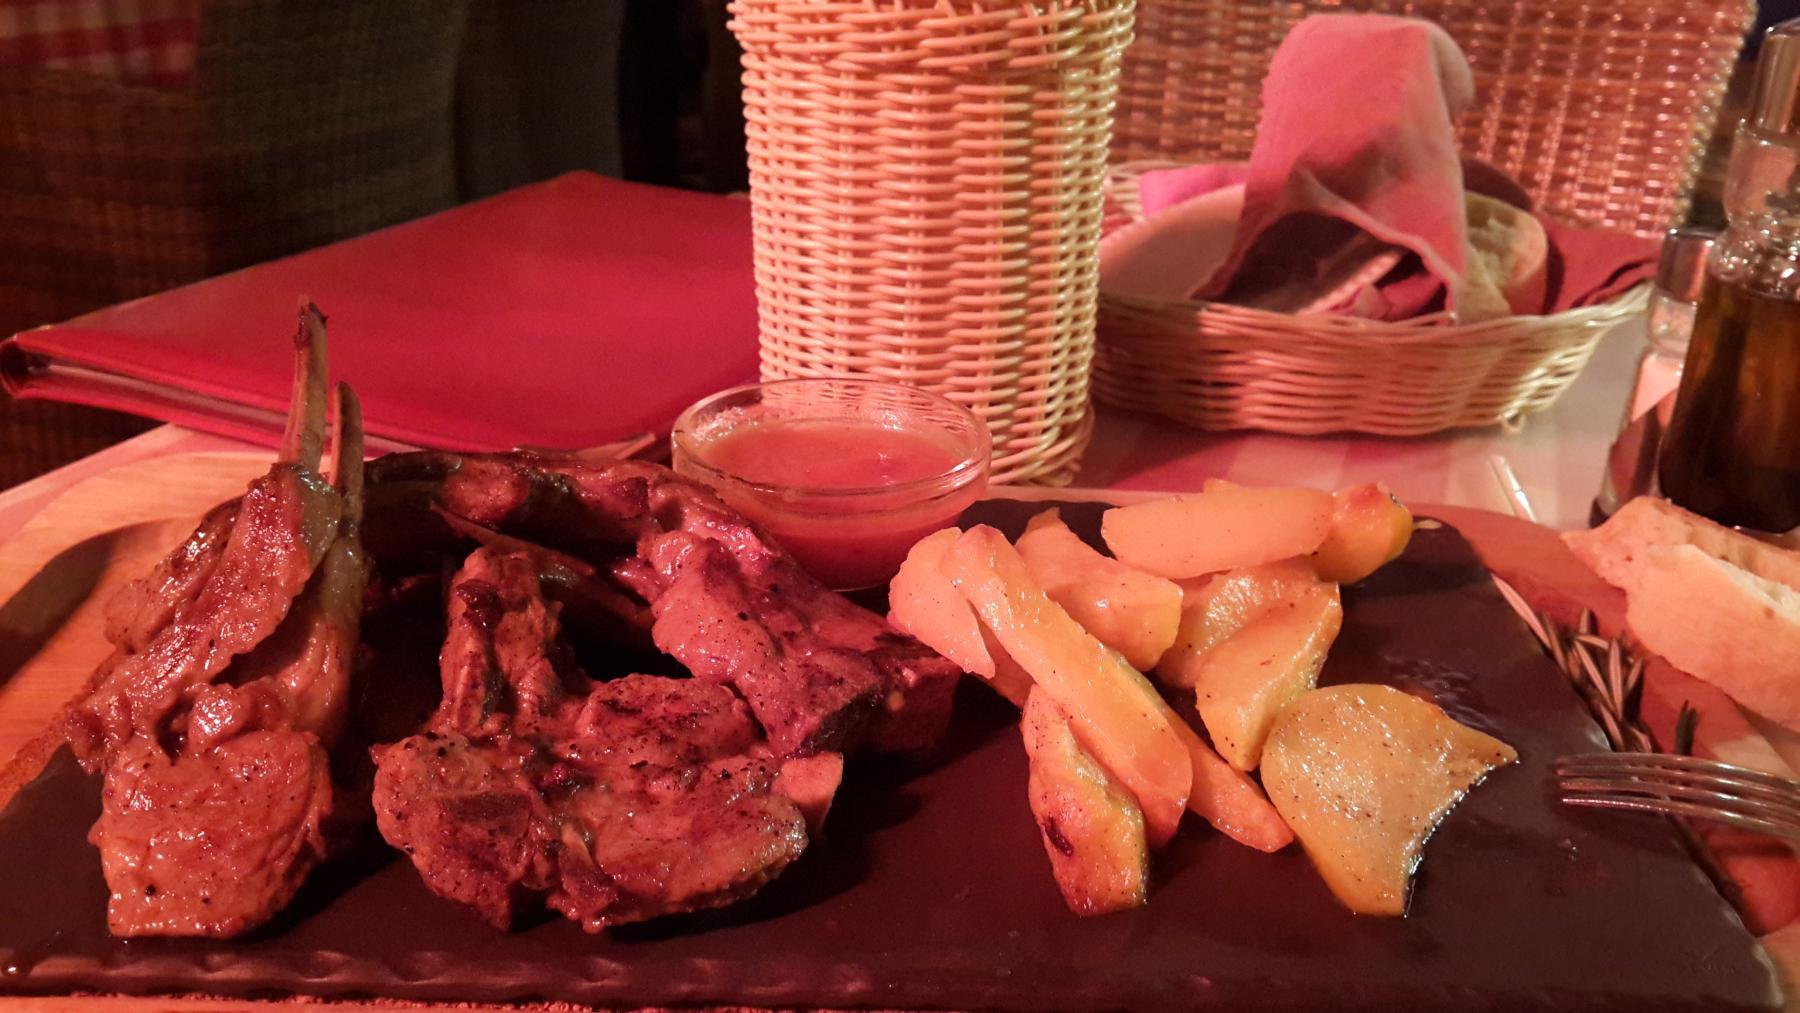 фото Всемирный день гастрономических путешествий: блюда каких стран любят сибиряки 7